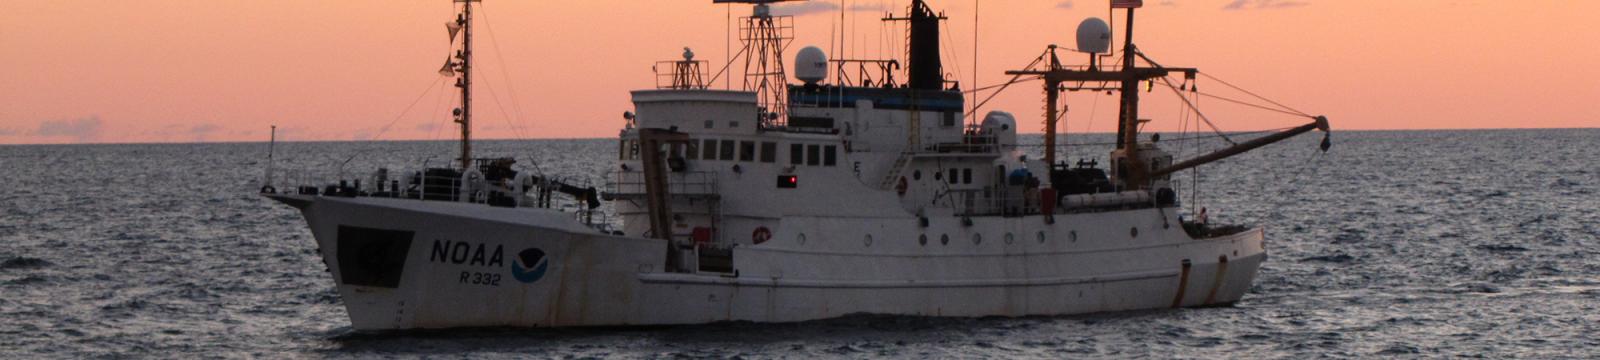 sunset_ship